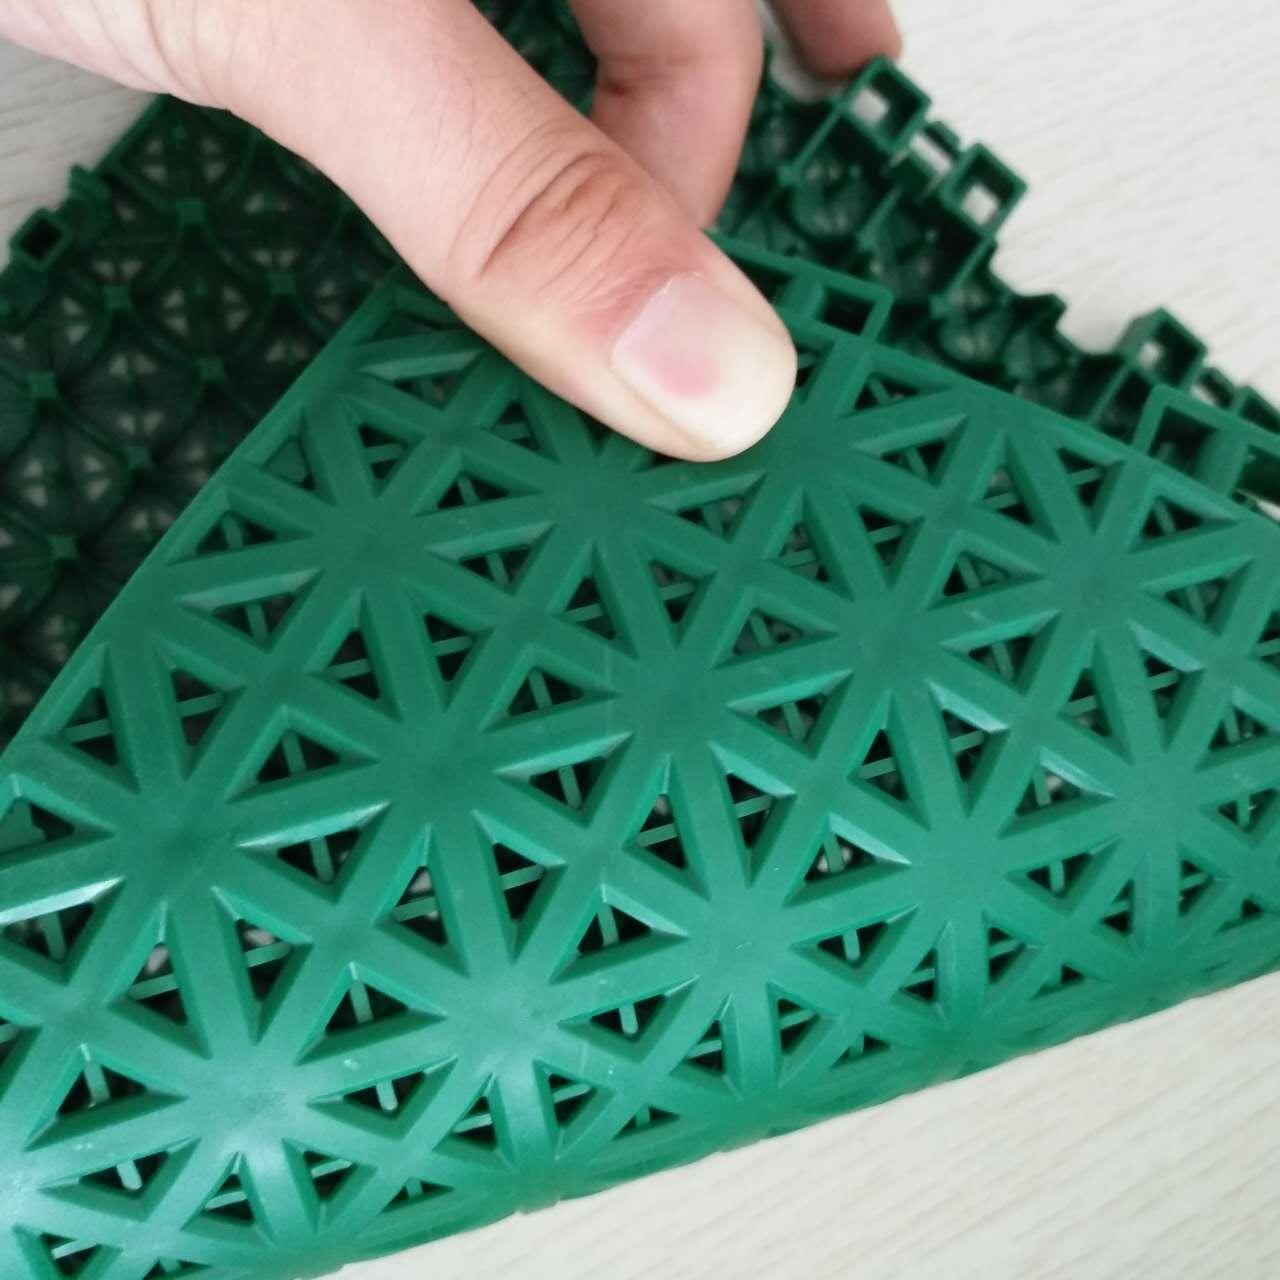 软质雪花米格-悬浮式拼装地板